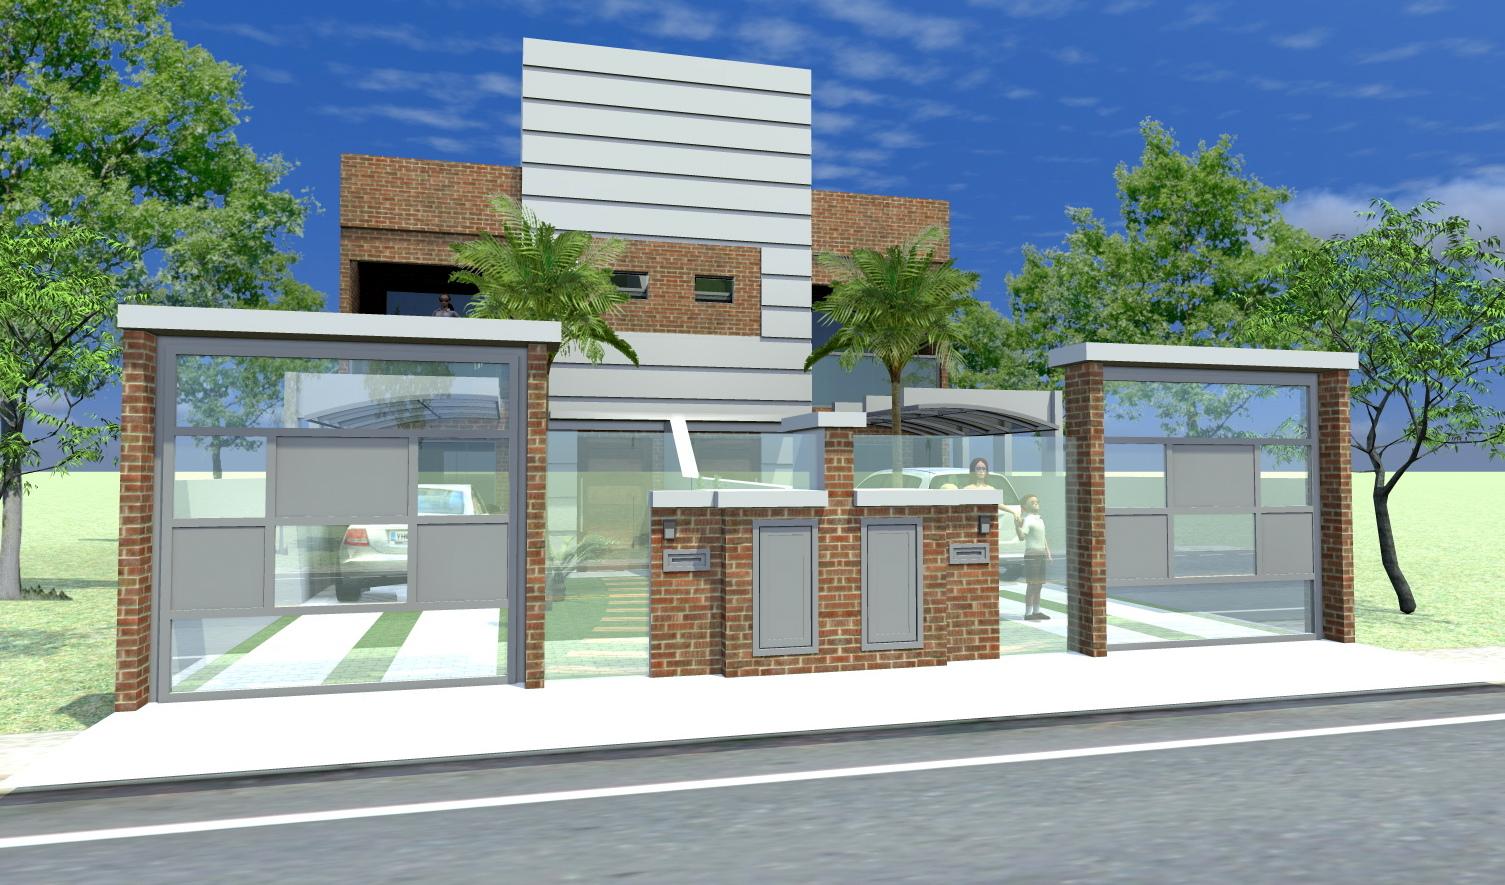 Projetos de casas geminadas gr tis decorando casas - Riscaldare casa gratis ...